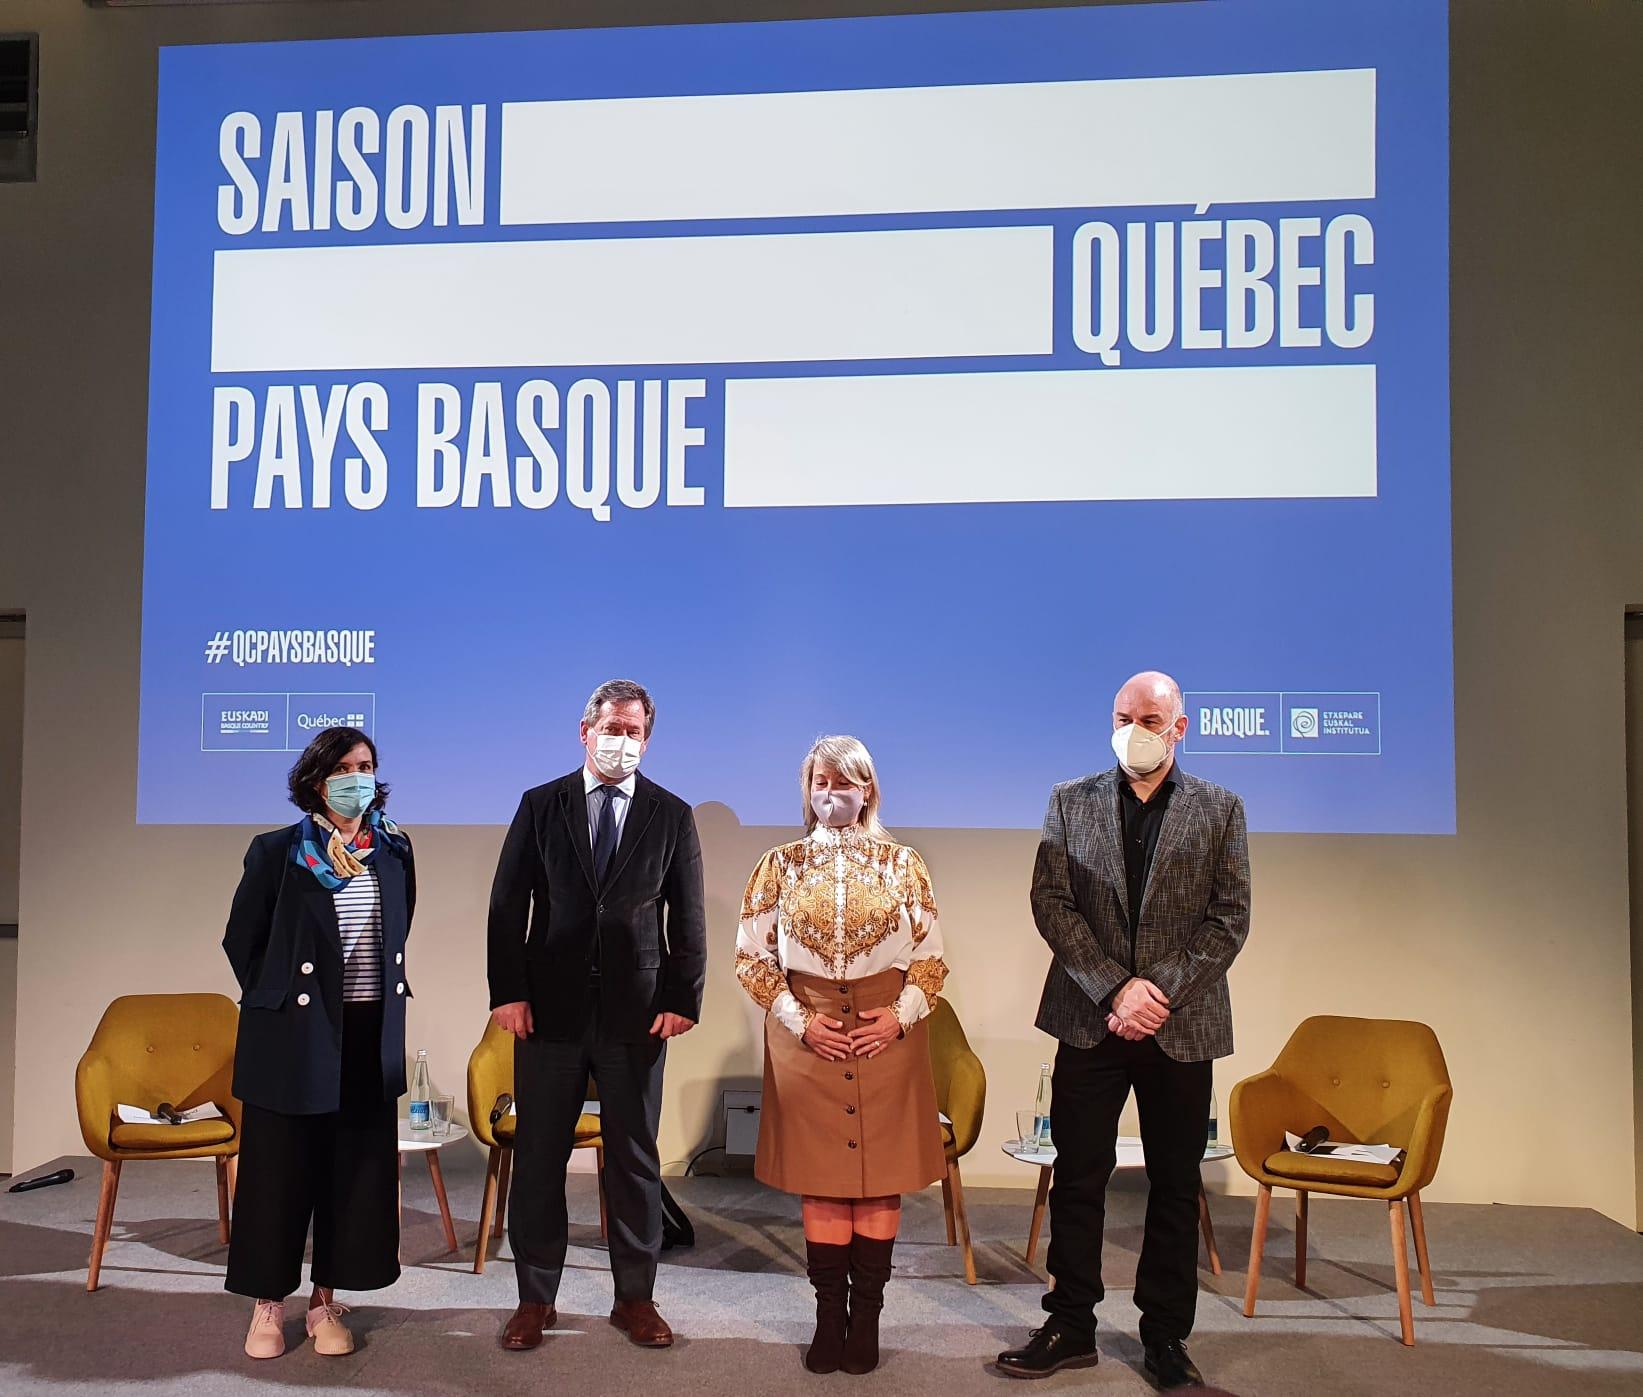 Euskal eta quebectar zinema ziklo trukaketa batek emango dio hasiera Saison Québec – Pays Basque egitasmoari [26:46]